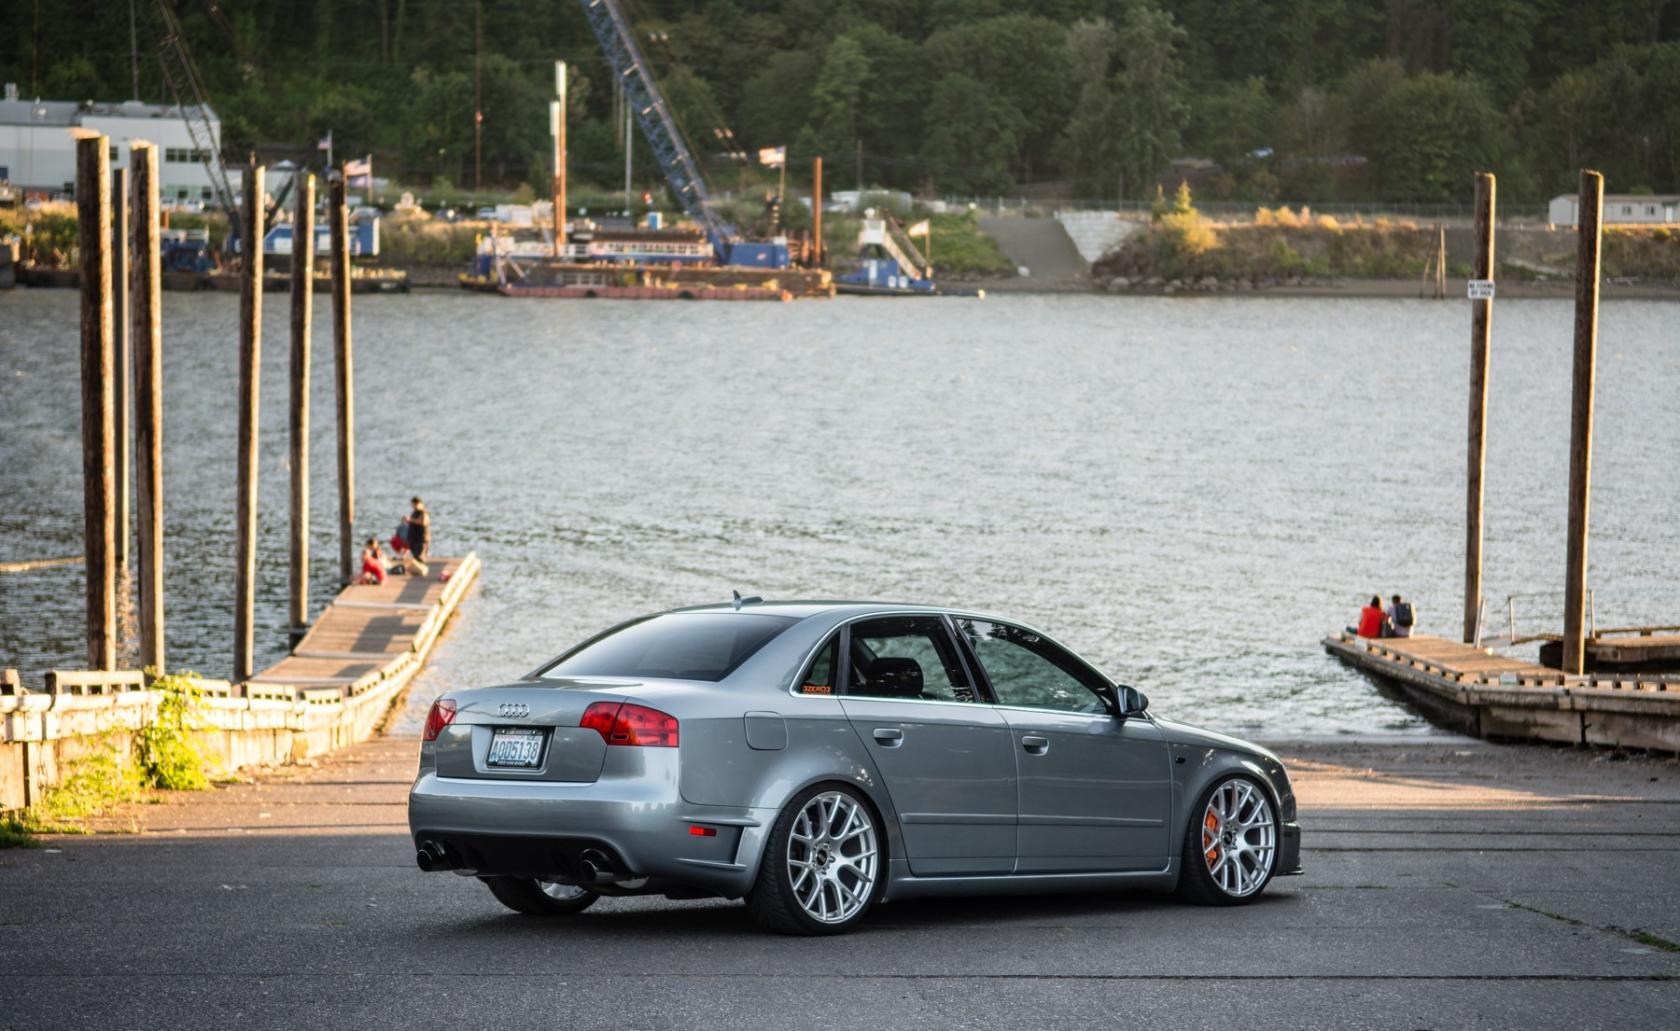 problemes-de-volets-d-admission-sur-Audi-A4-B7-1.jpeg